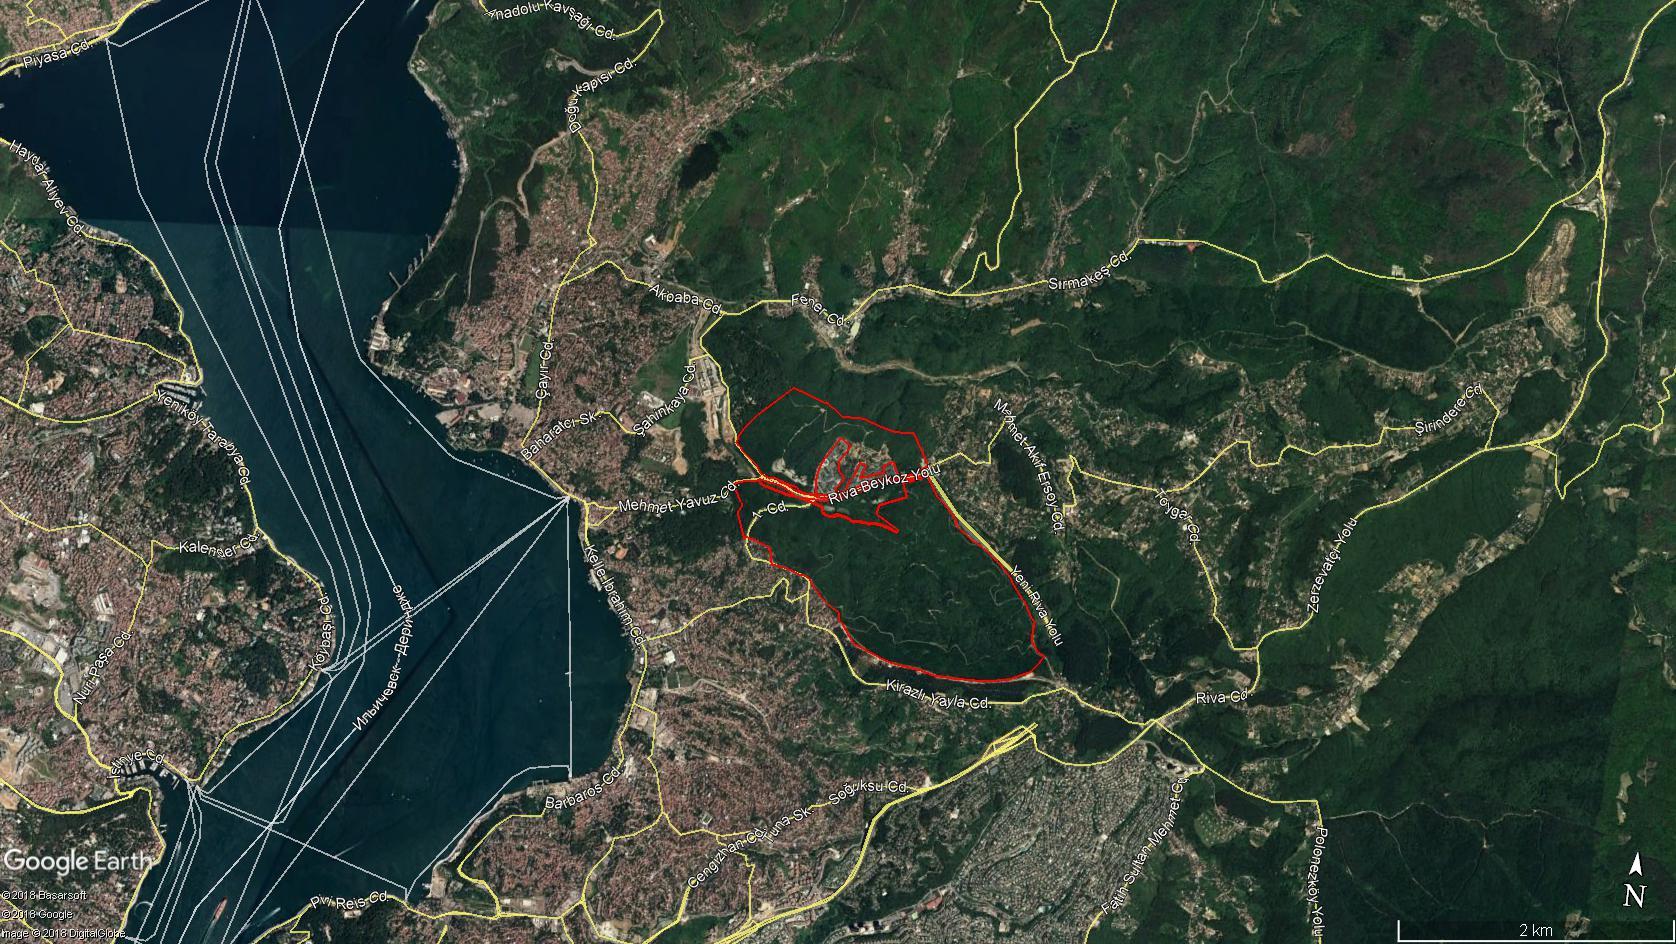 Kalyon İnşaat Kuzey Ormanları'na yapıştı, Beykoz'da ormana 553 villa yapacak. #DüşmanYapmaz